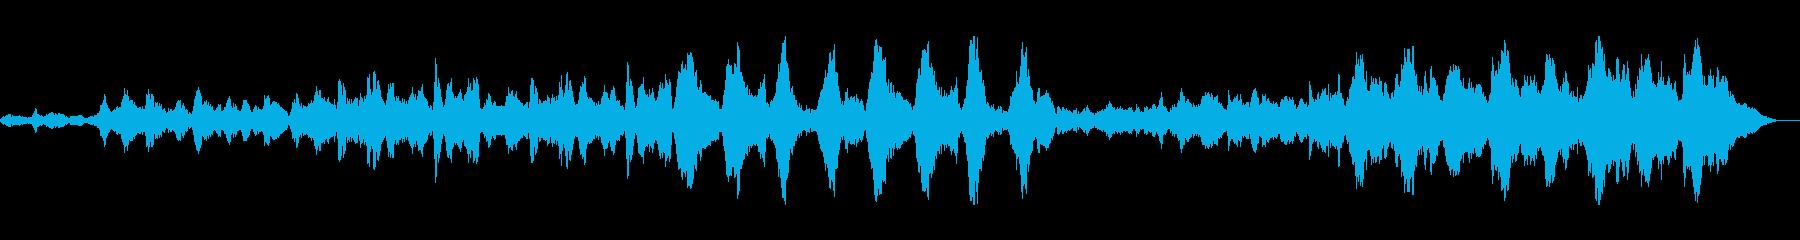 バイオリン等を使用したアンビエントの再生済みの波形